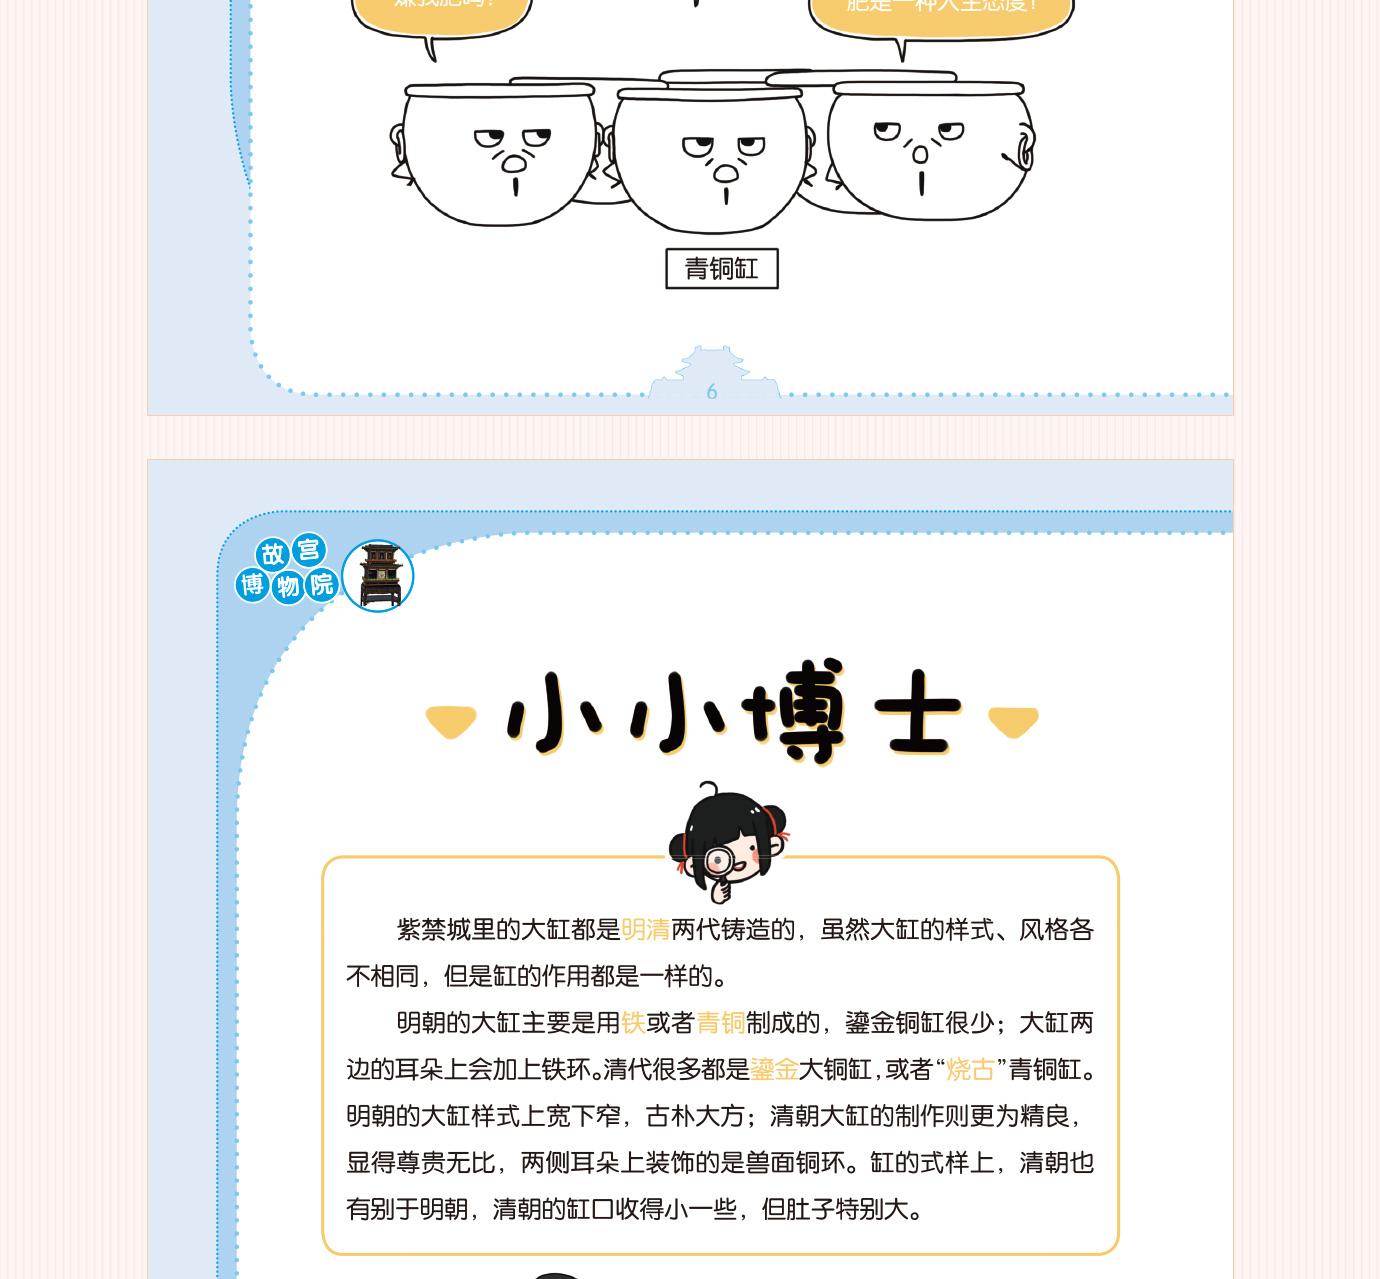 漫话国宝 (32).jpg